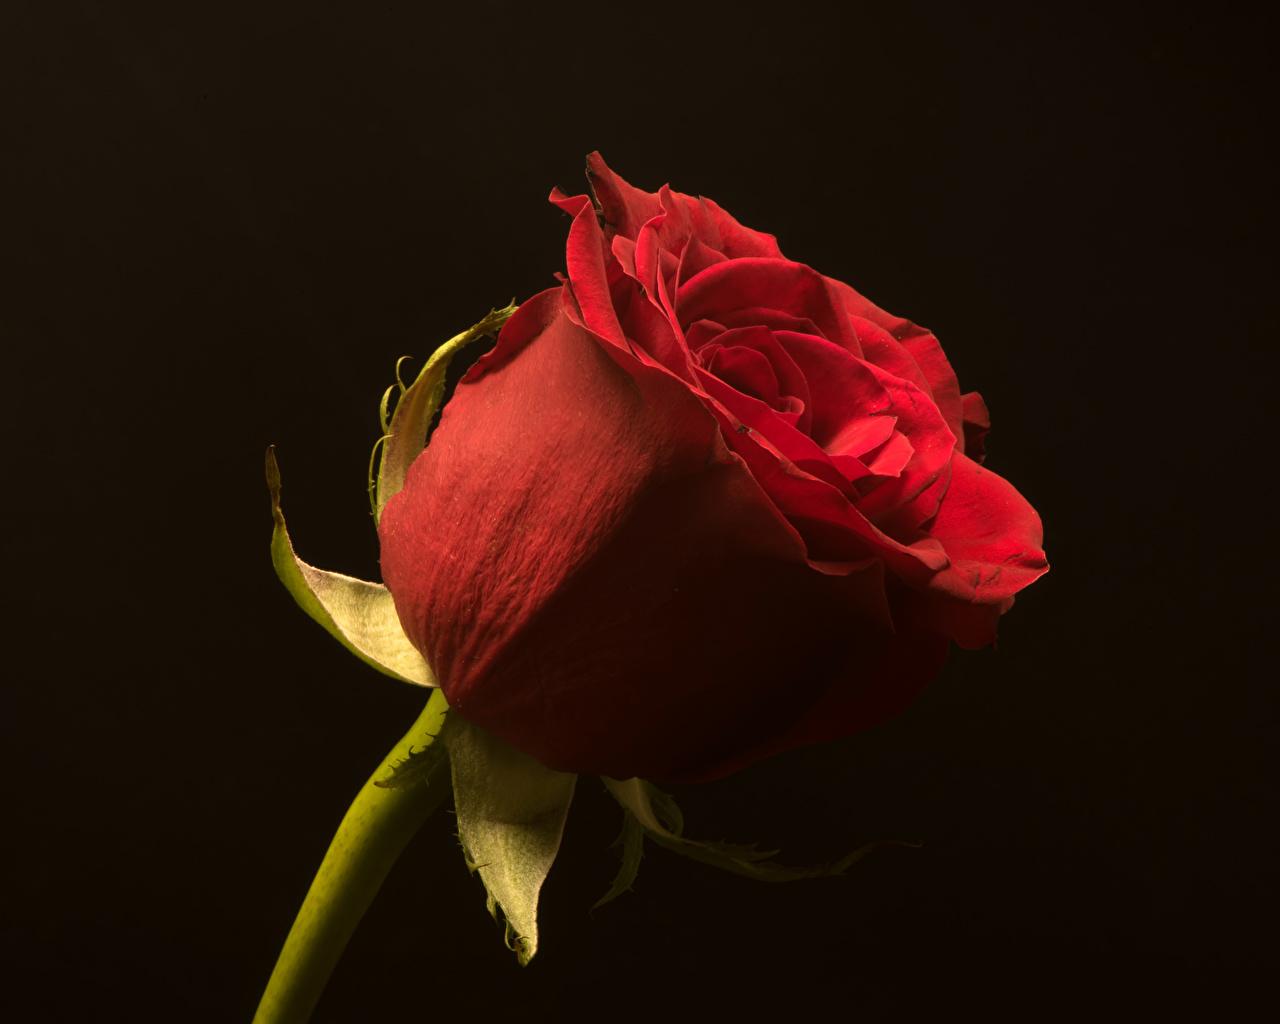 Bilder von Rot Rosen Blumen Großansicht Schwarzer Hintergrund